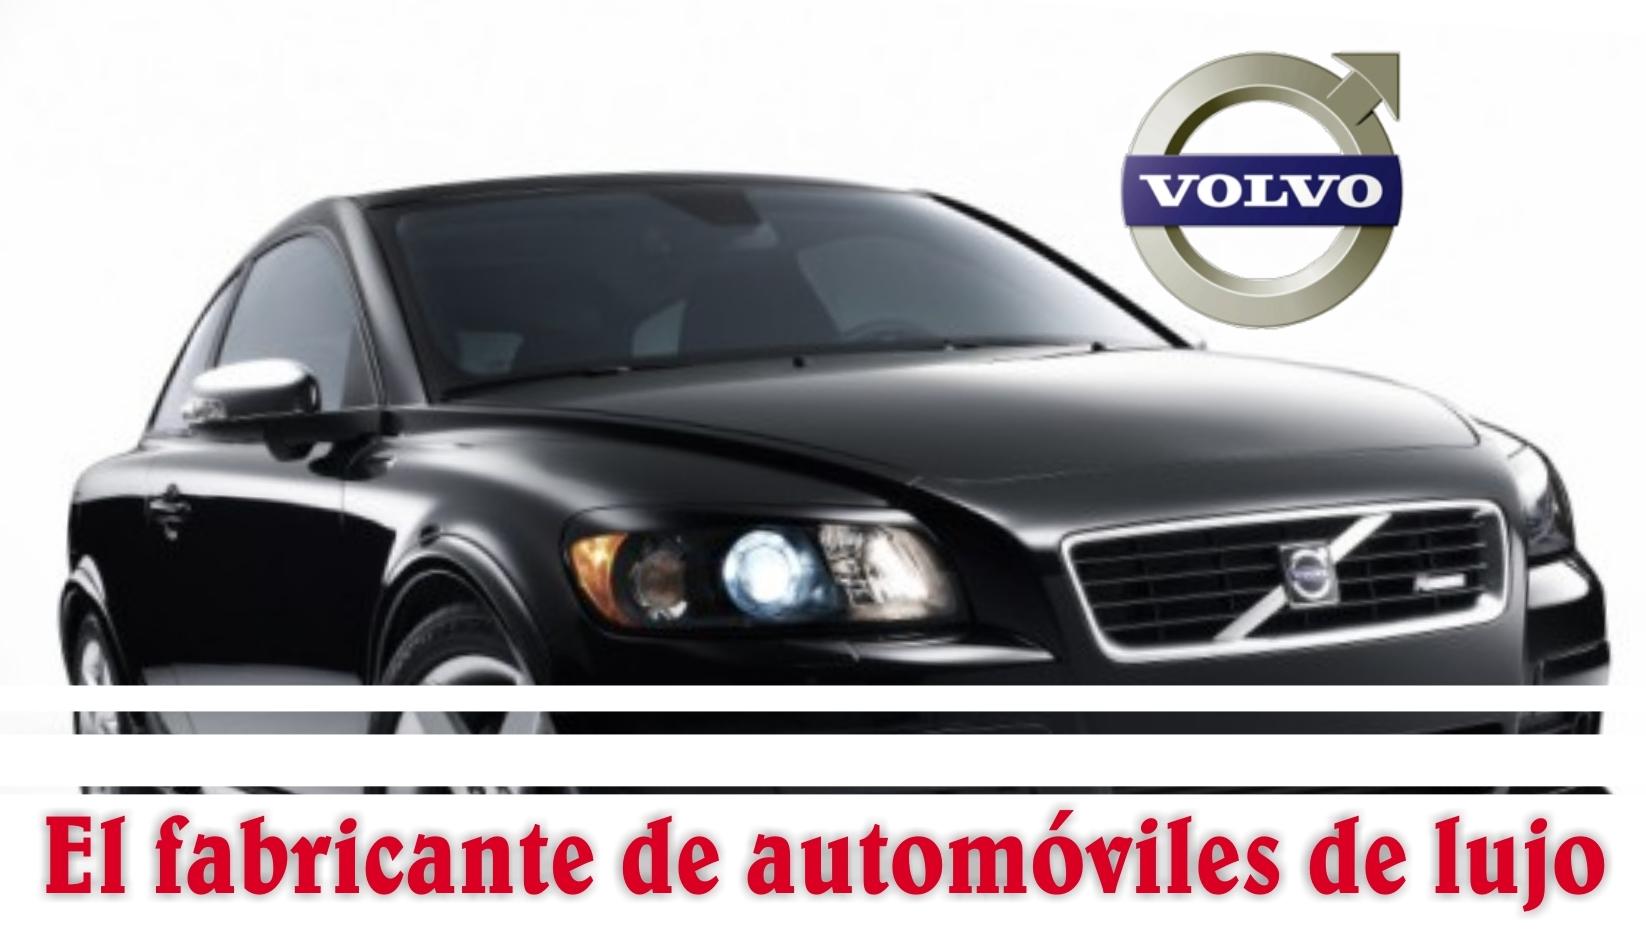 Volvo, El fabricante de automóviles de lujo.